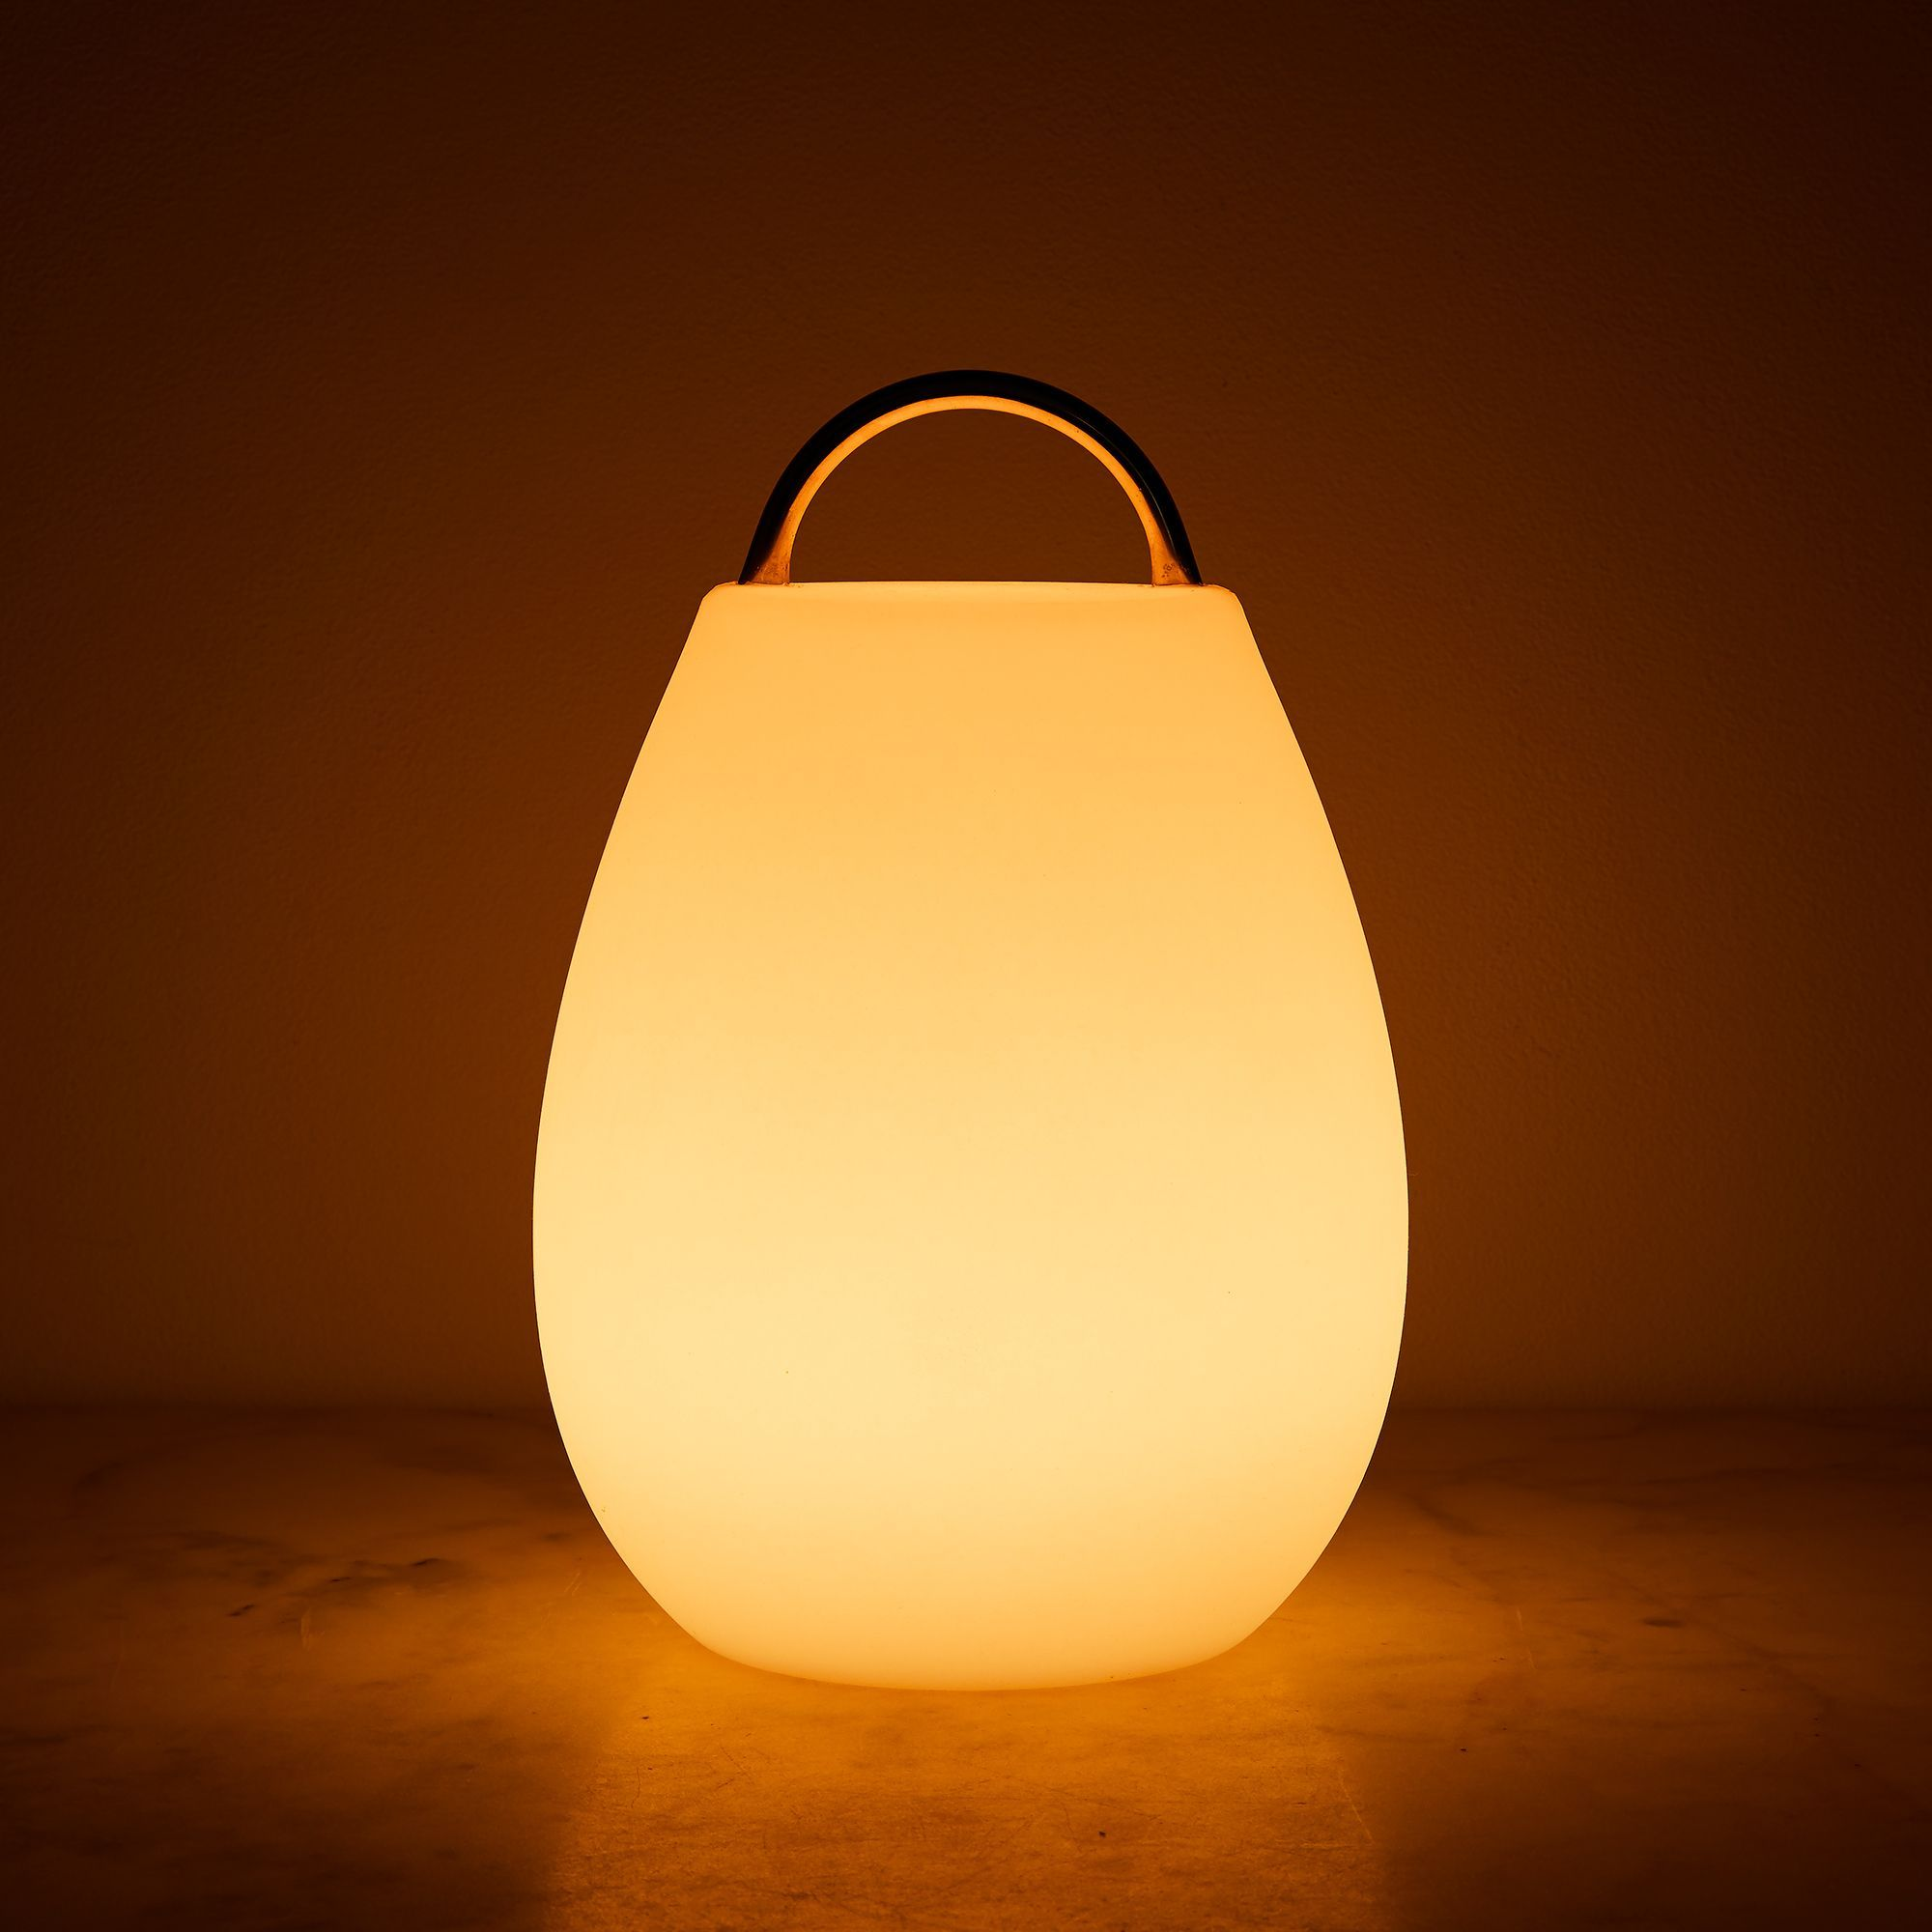 Portable Led Lantern Led Lantern Portable Led Wireless Lantern